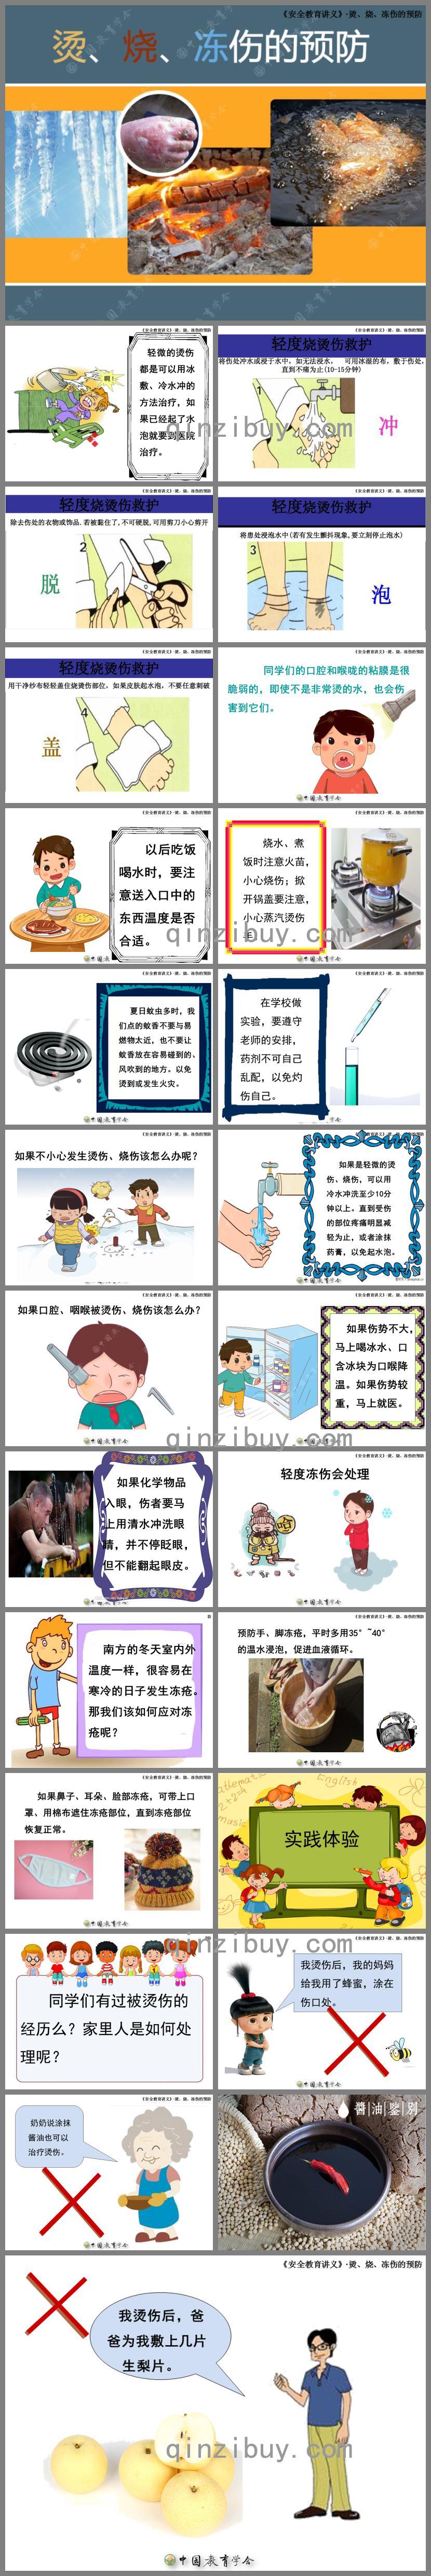 幼儿园大班安全防止烫伤PPT课件